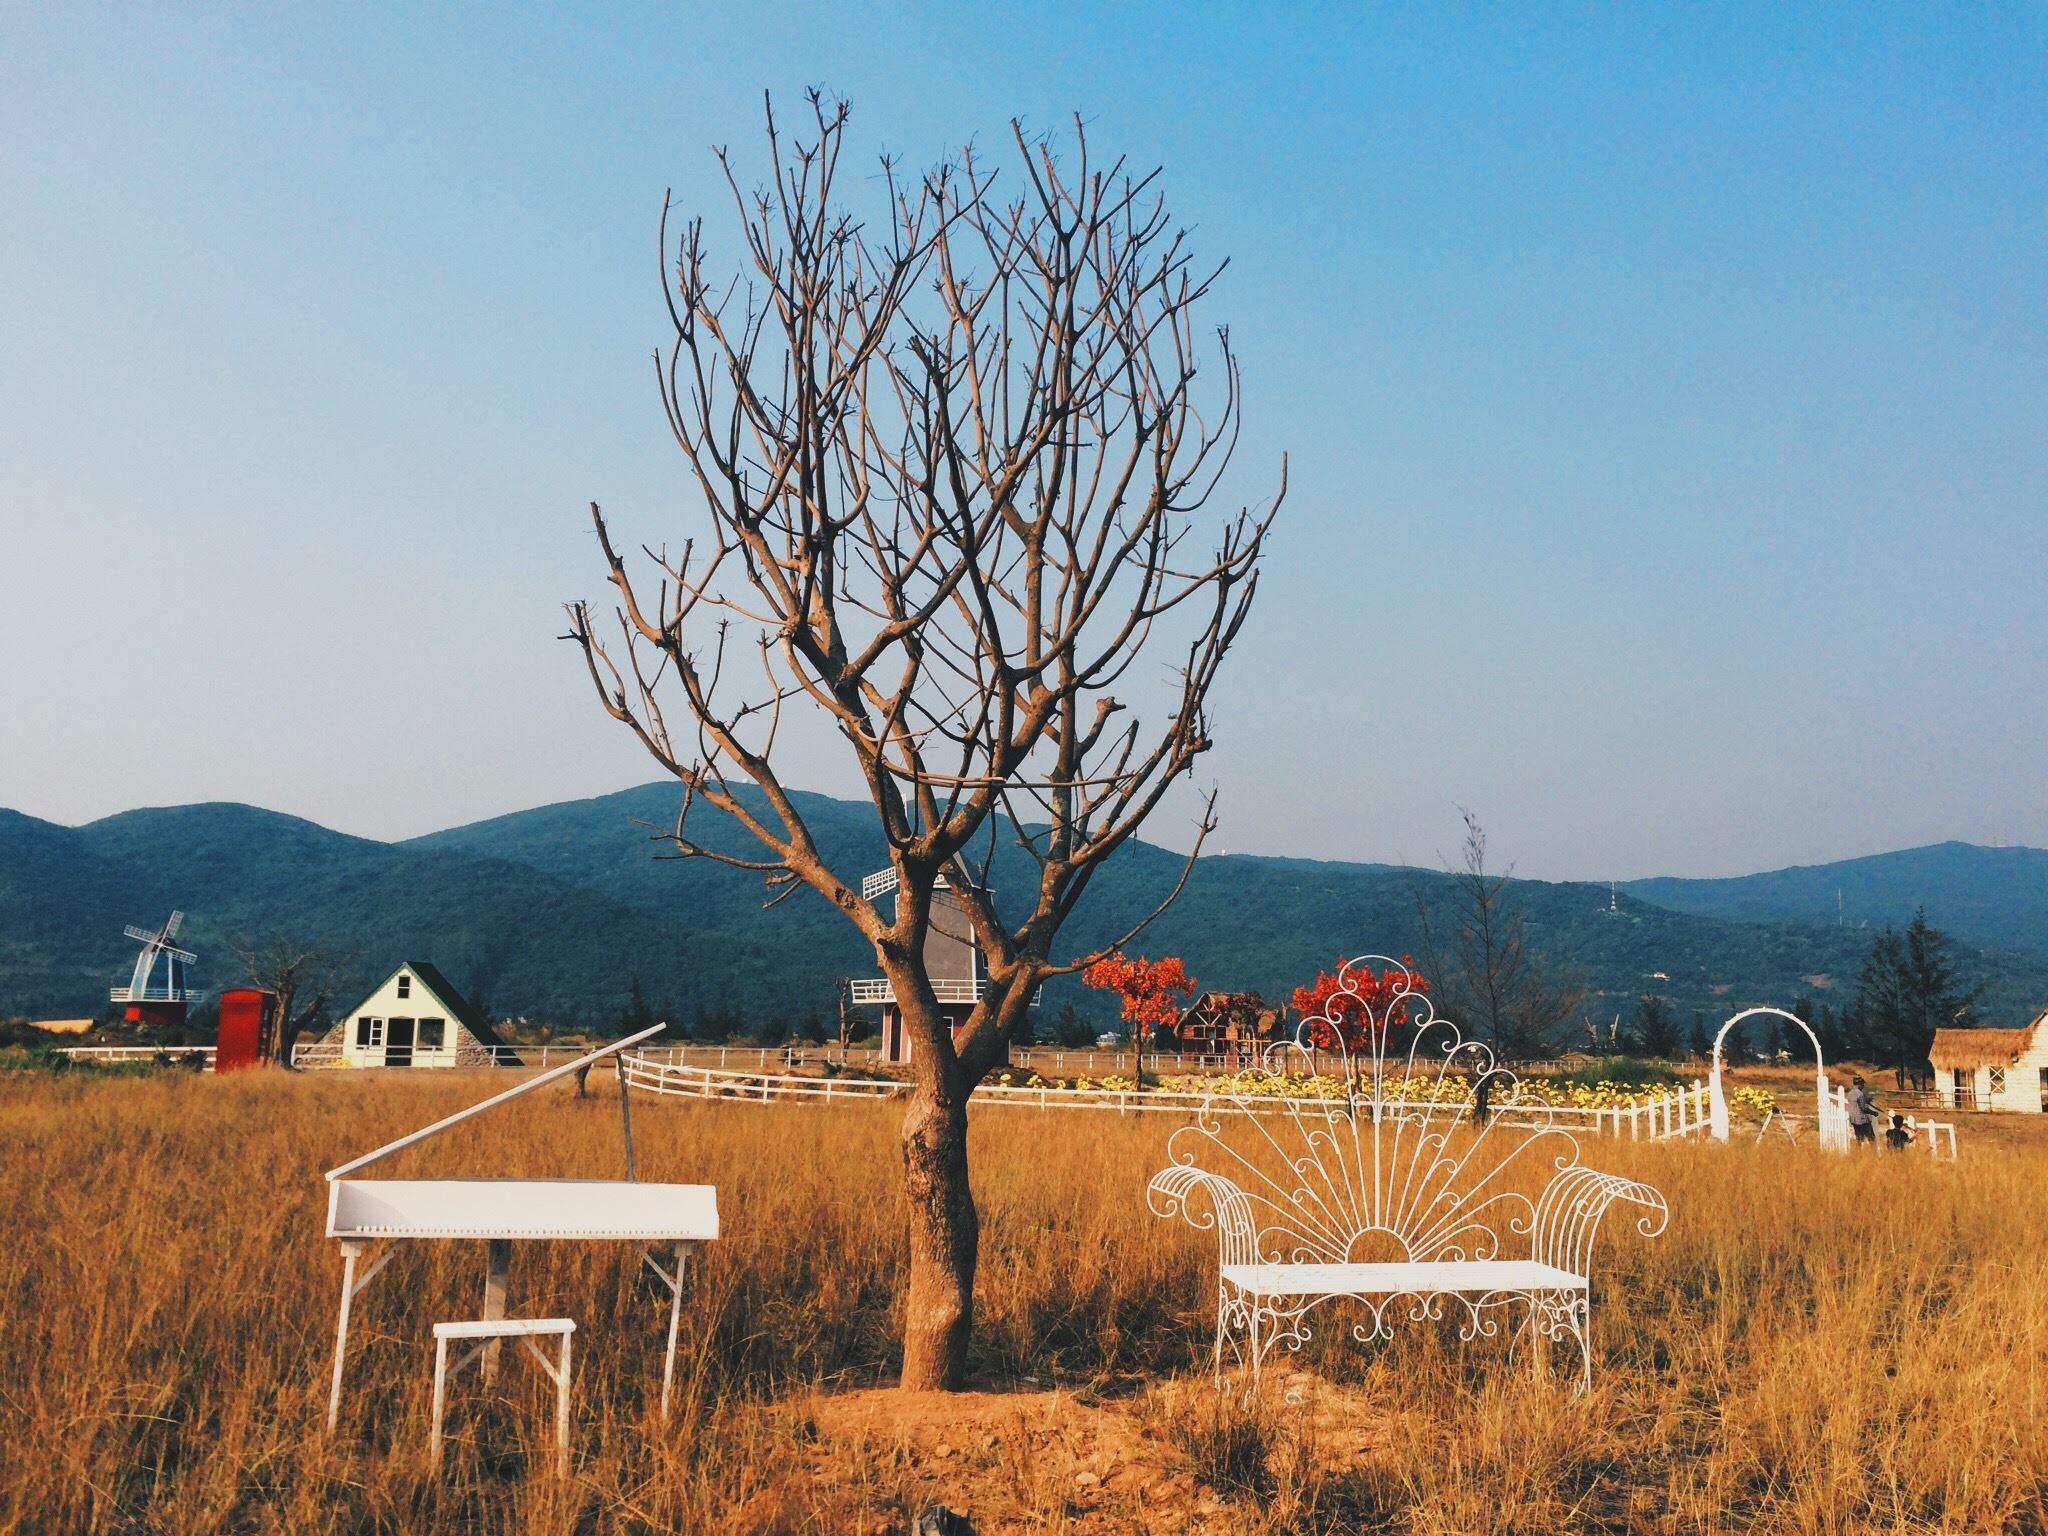 Giới trẻ Đà Nẵng sắp có thêm điểm chụp ảnh mới: Một phim trường đẹp như châu Âu - Ảnh 6.